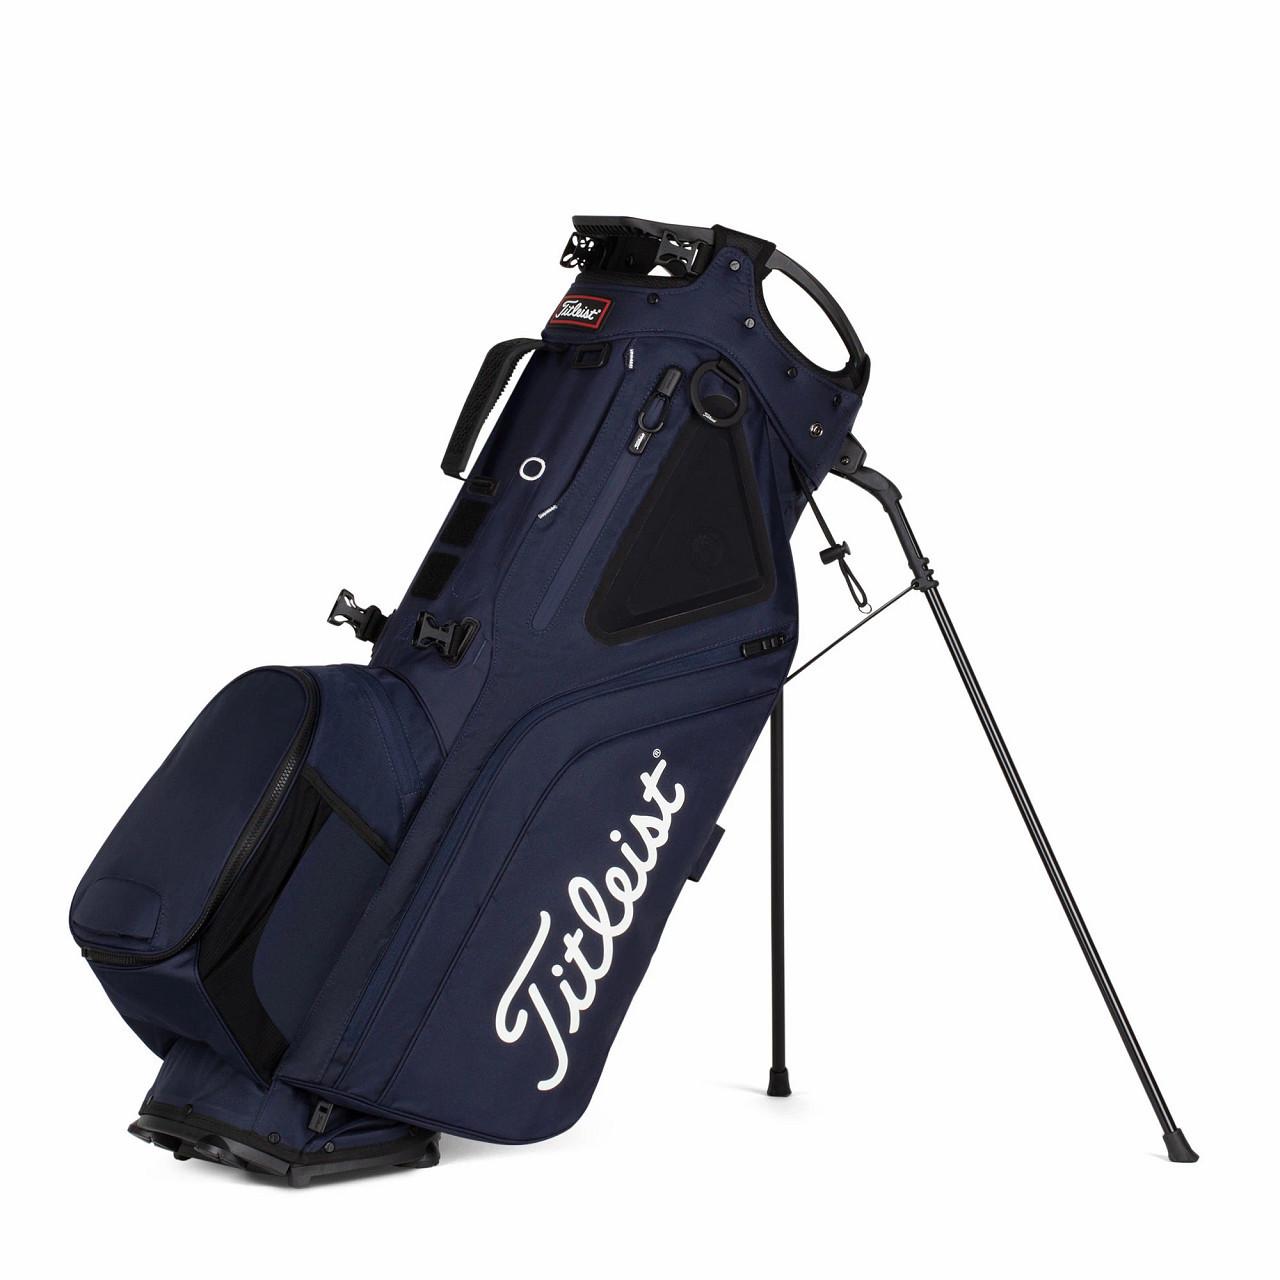 Titleist Hybrid 5 Golf Bag 2021 - Navy